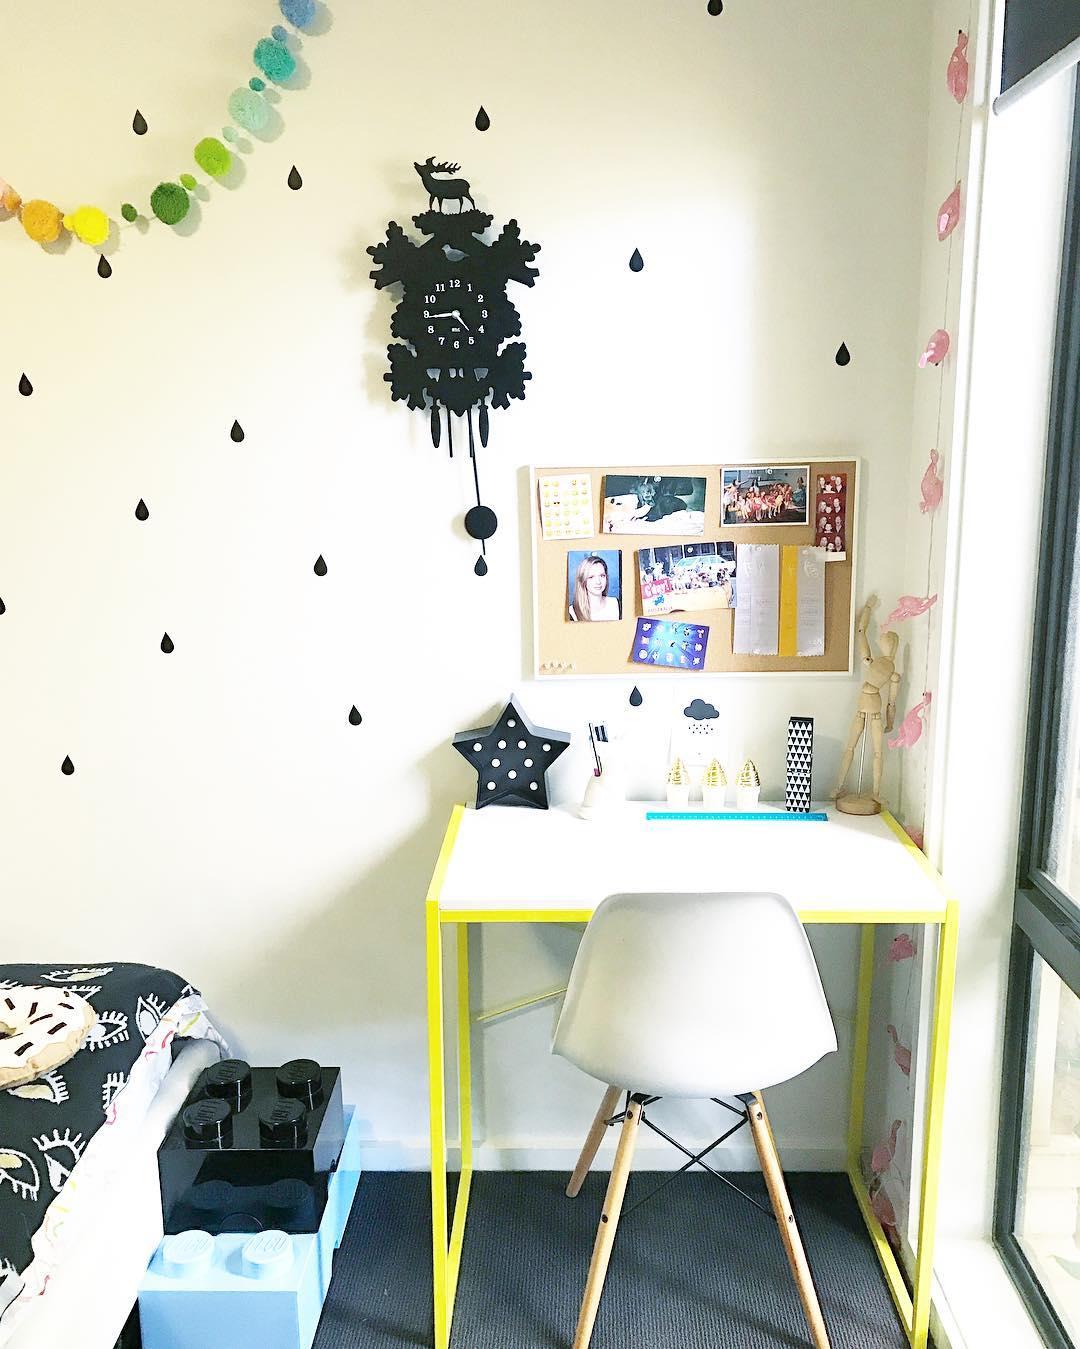 25 dekorasi dan desain ruang belajar minimalis modern terbaru 2019